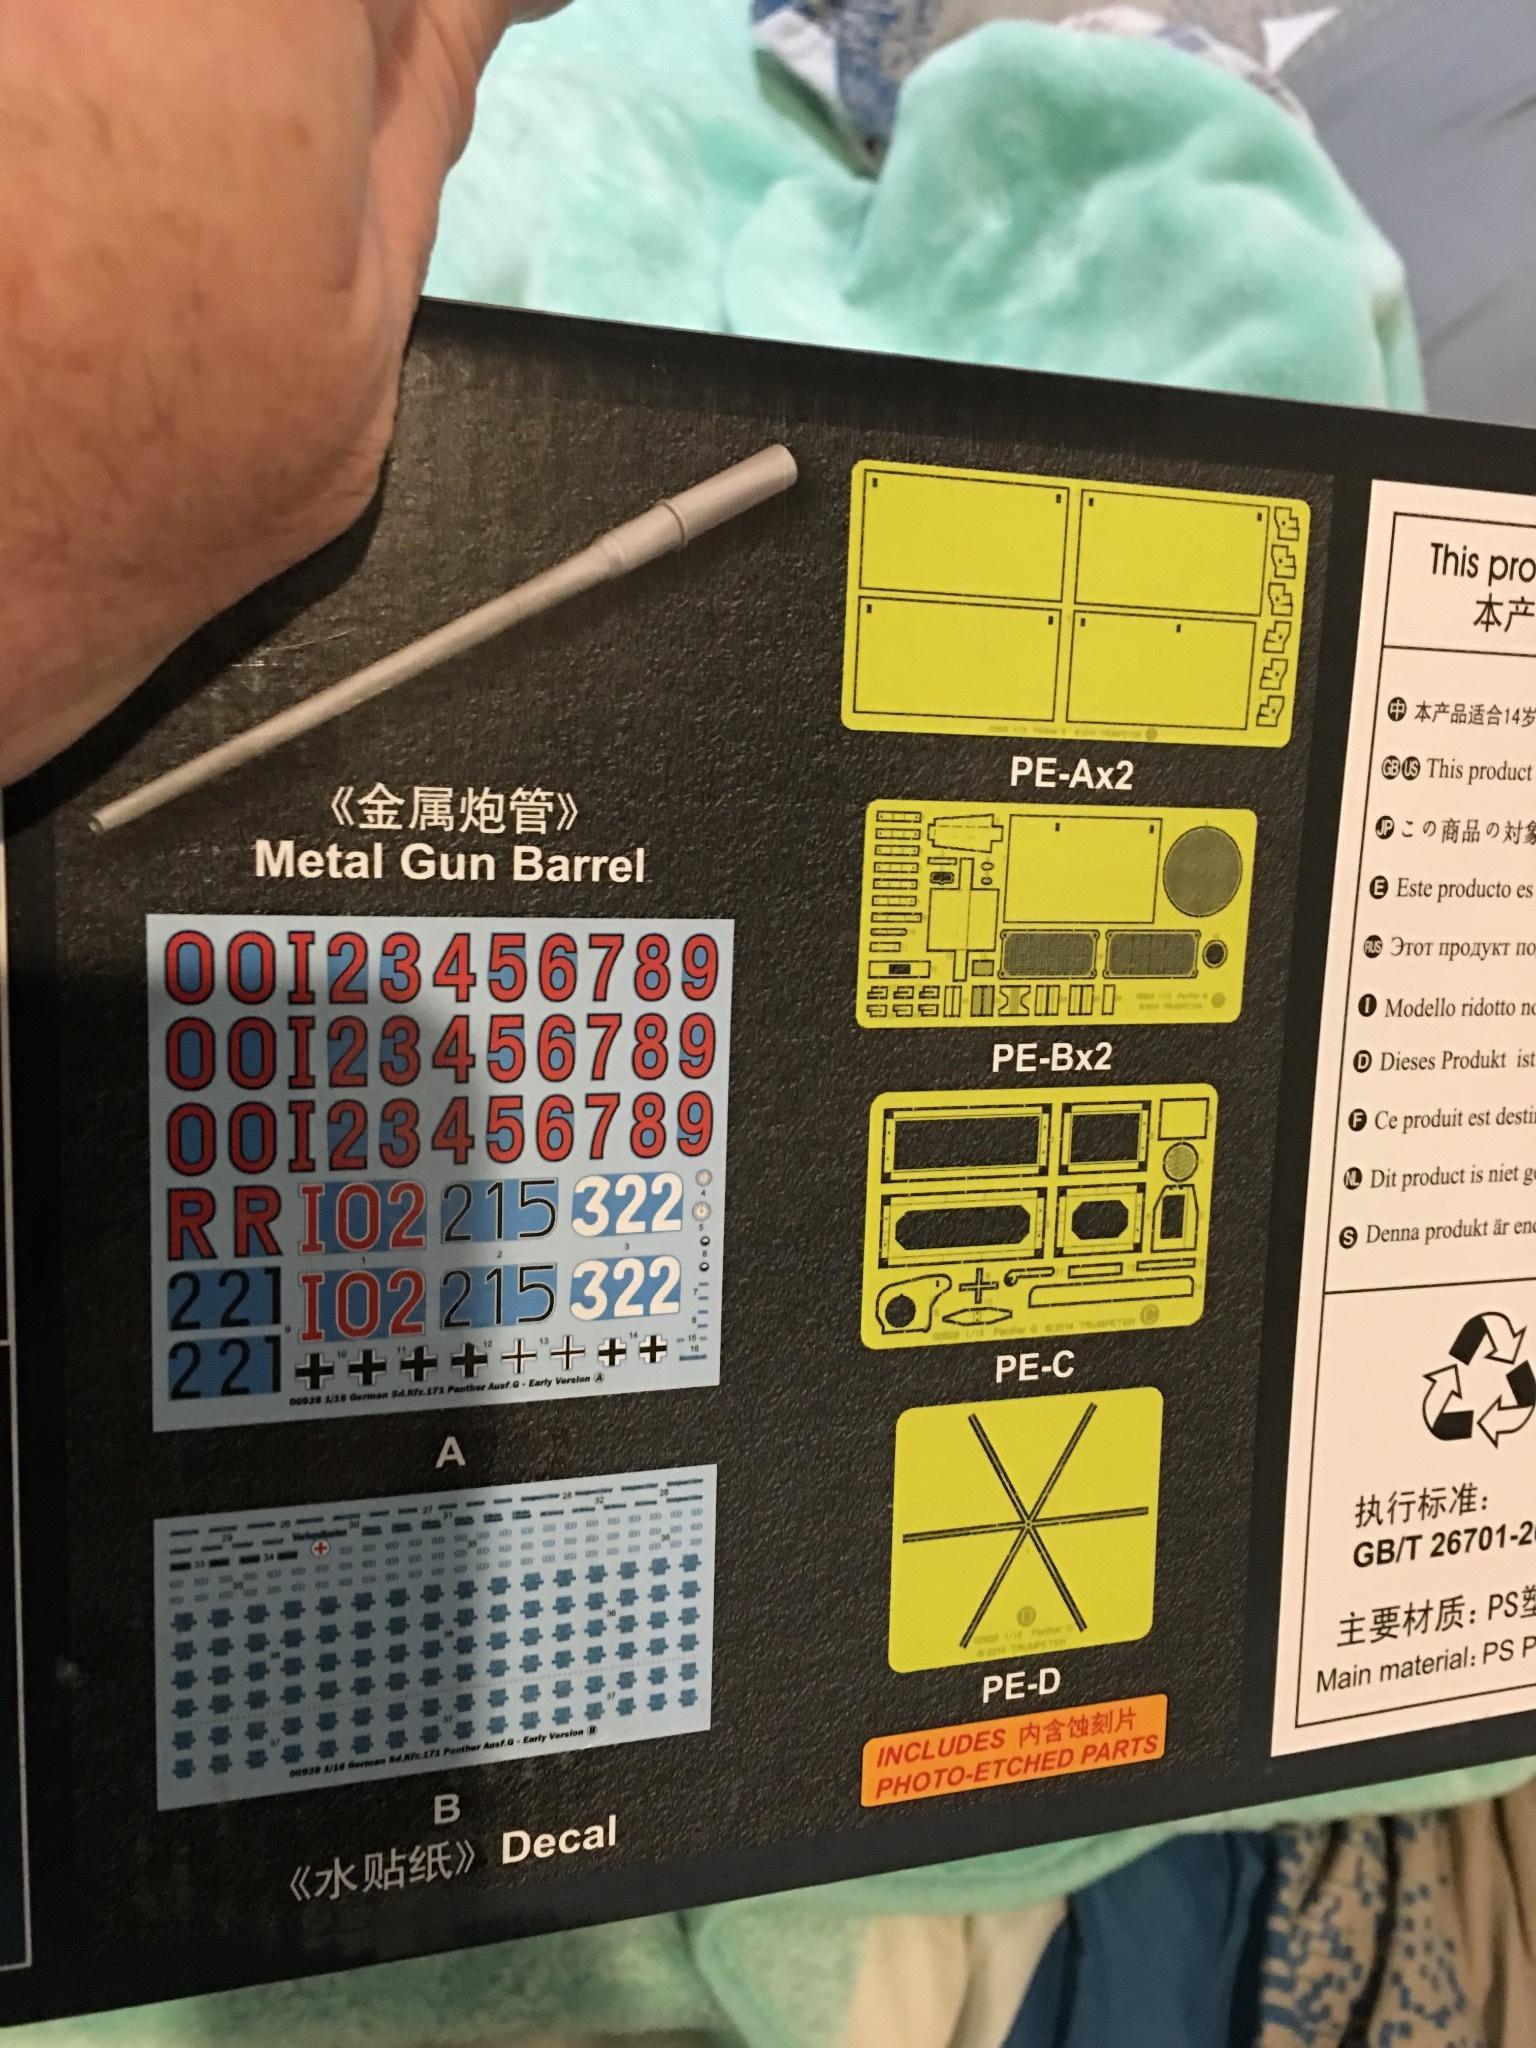 80277D38-E34C-4E2C-8294-99A4AE389087.jpeg